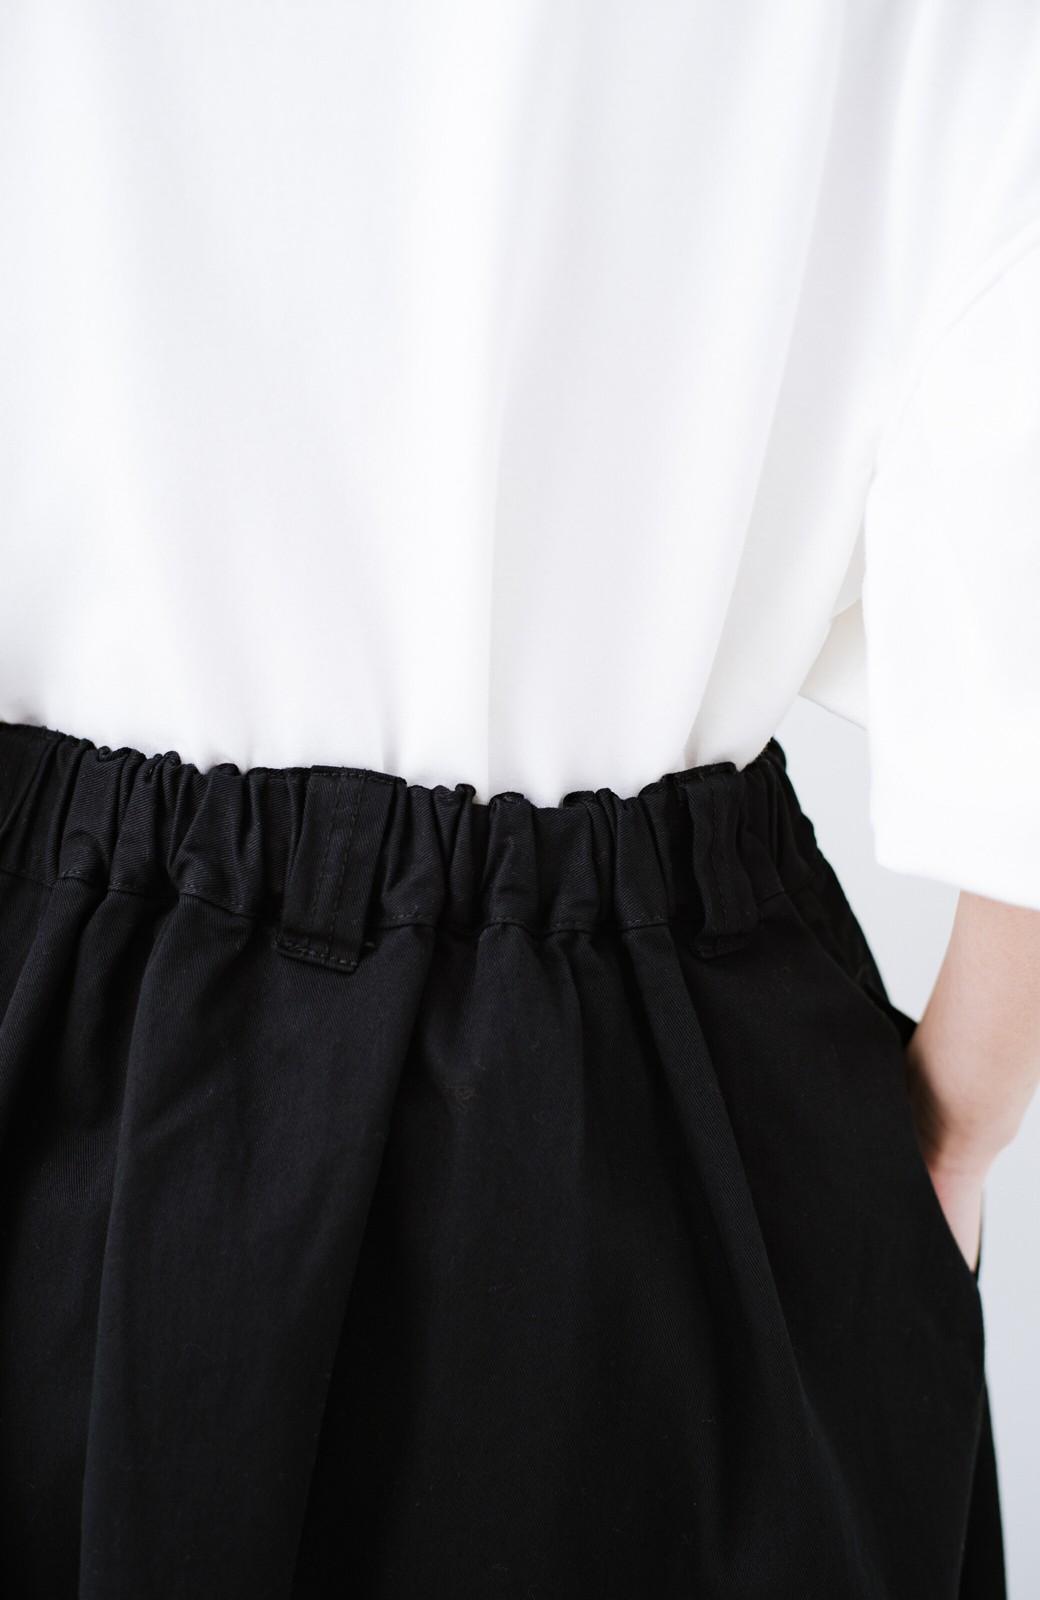 haco! ロングシーズン楽しめる タックボリュームのチノロングスカート <ブラック>の商品写真9